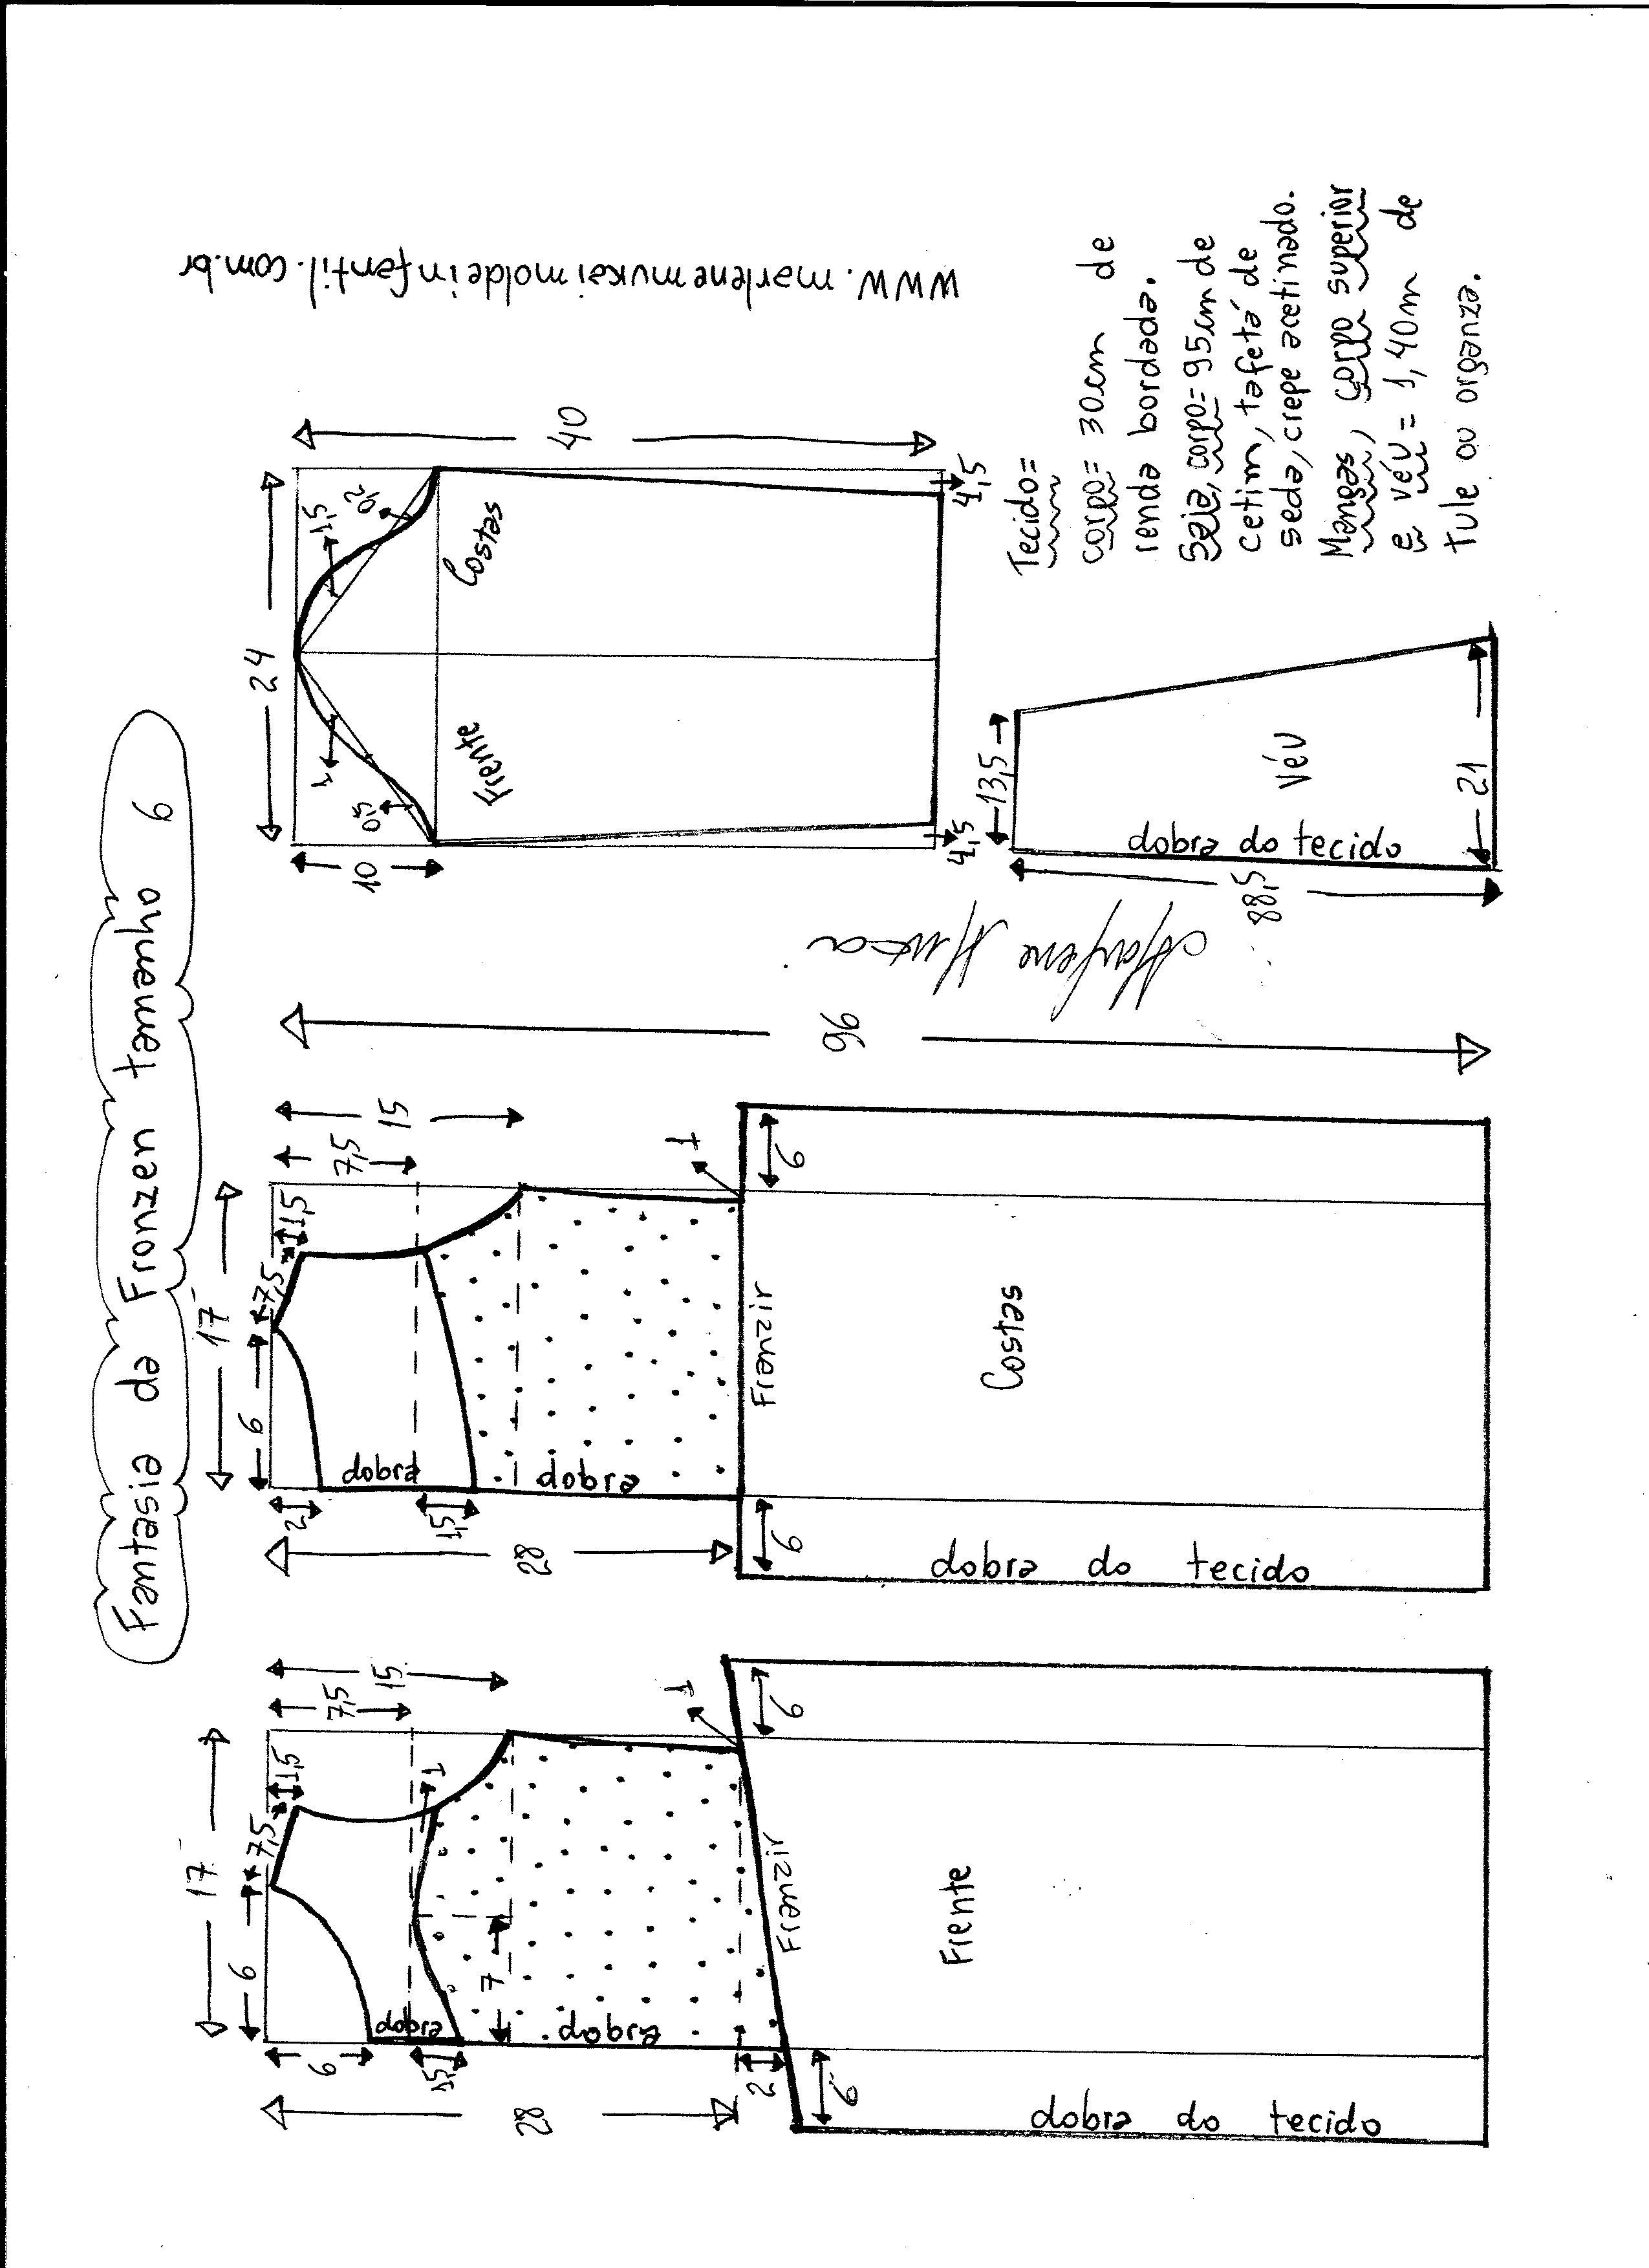 Esquema de modelagem de vestido fantasia fronzen tamanho 6.